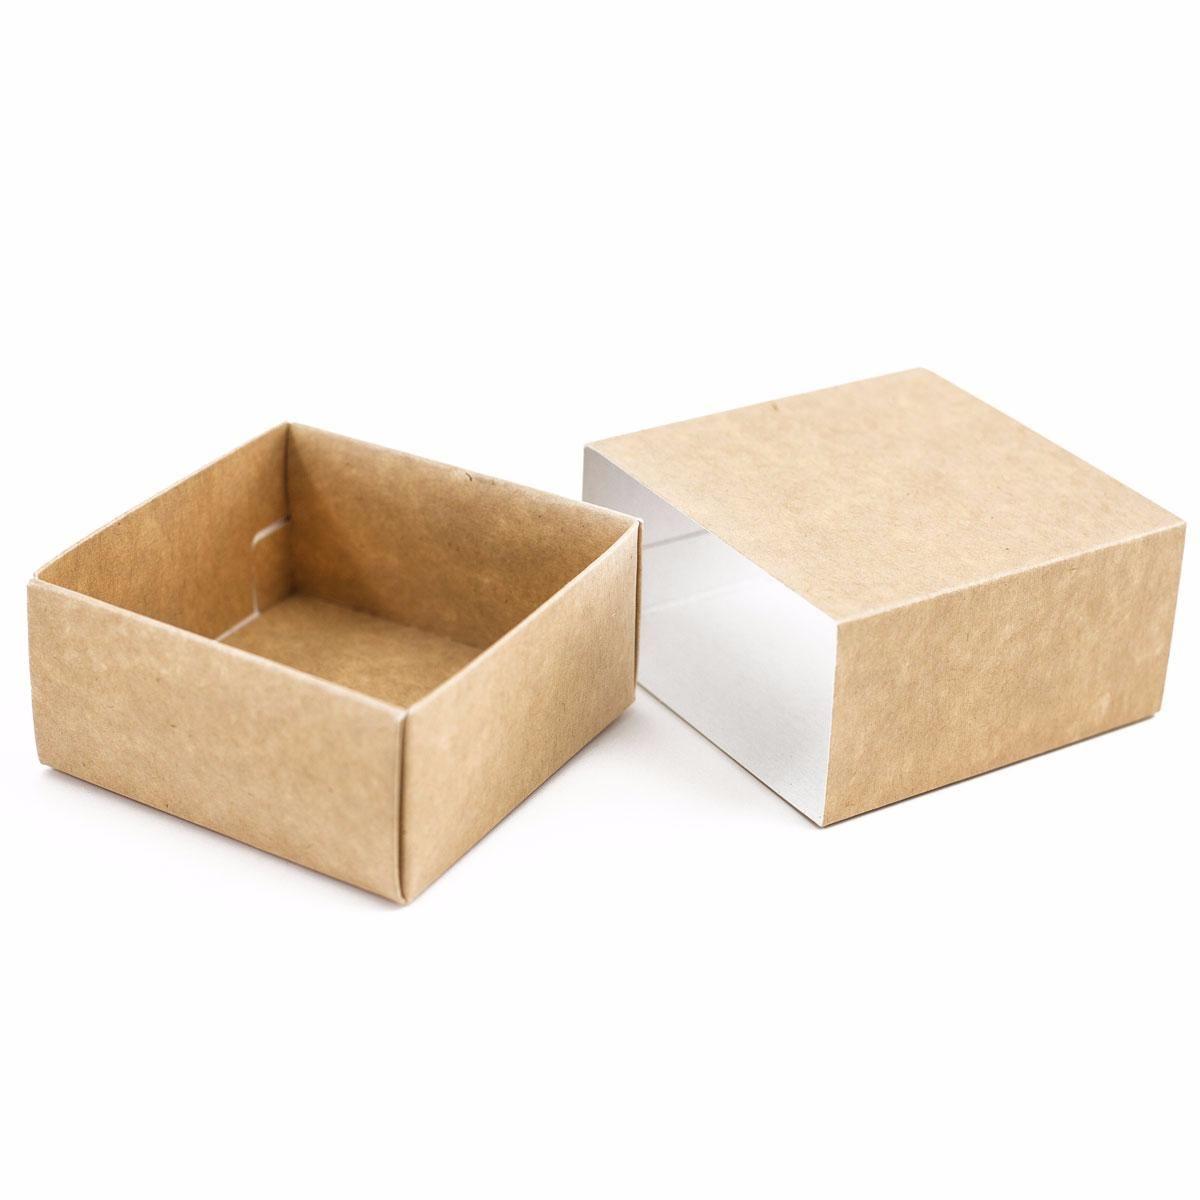 Caja De Cierre Deslizante En Kraft Cajas Cajas De Regalo Caja Kraft